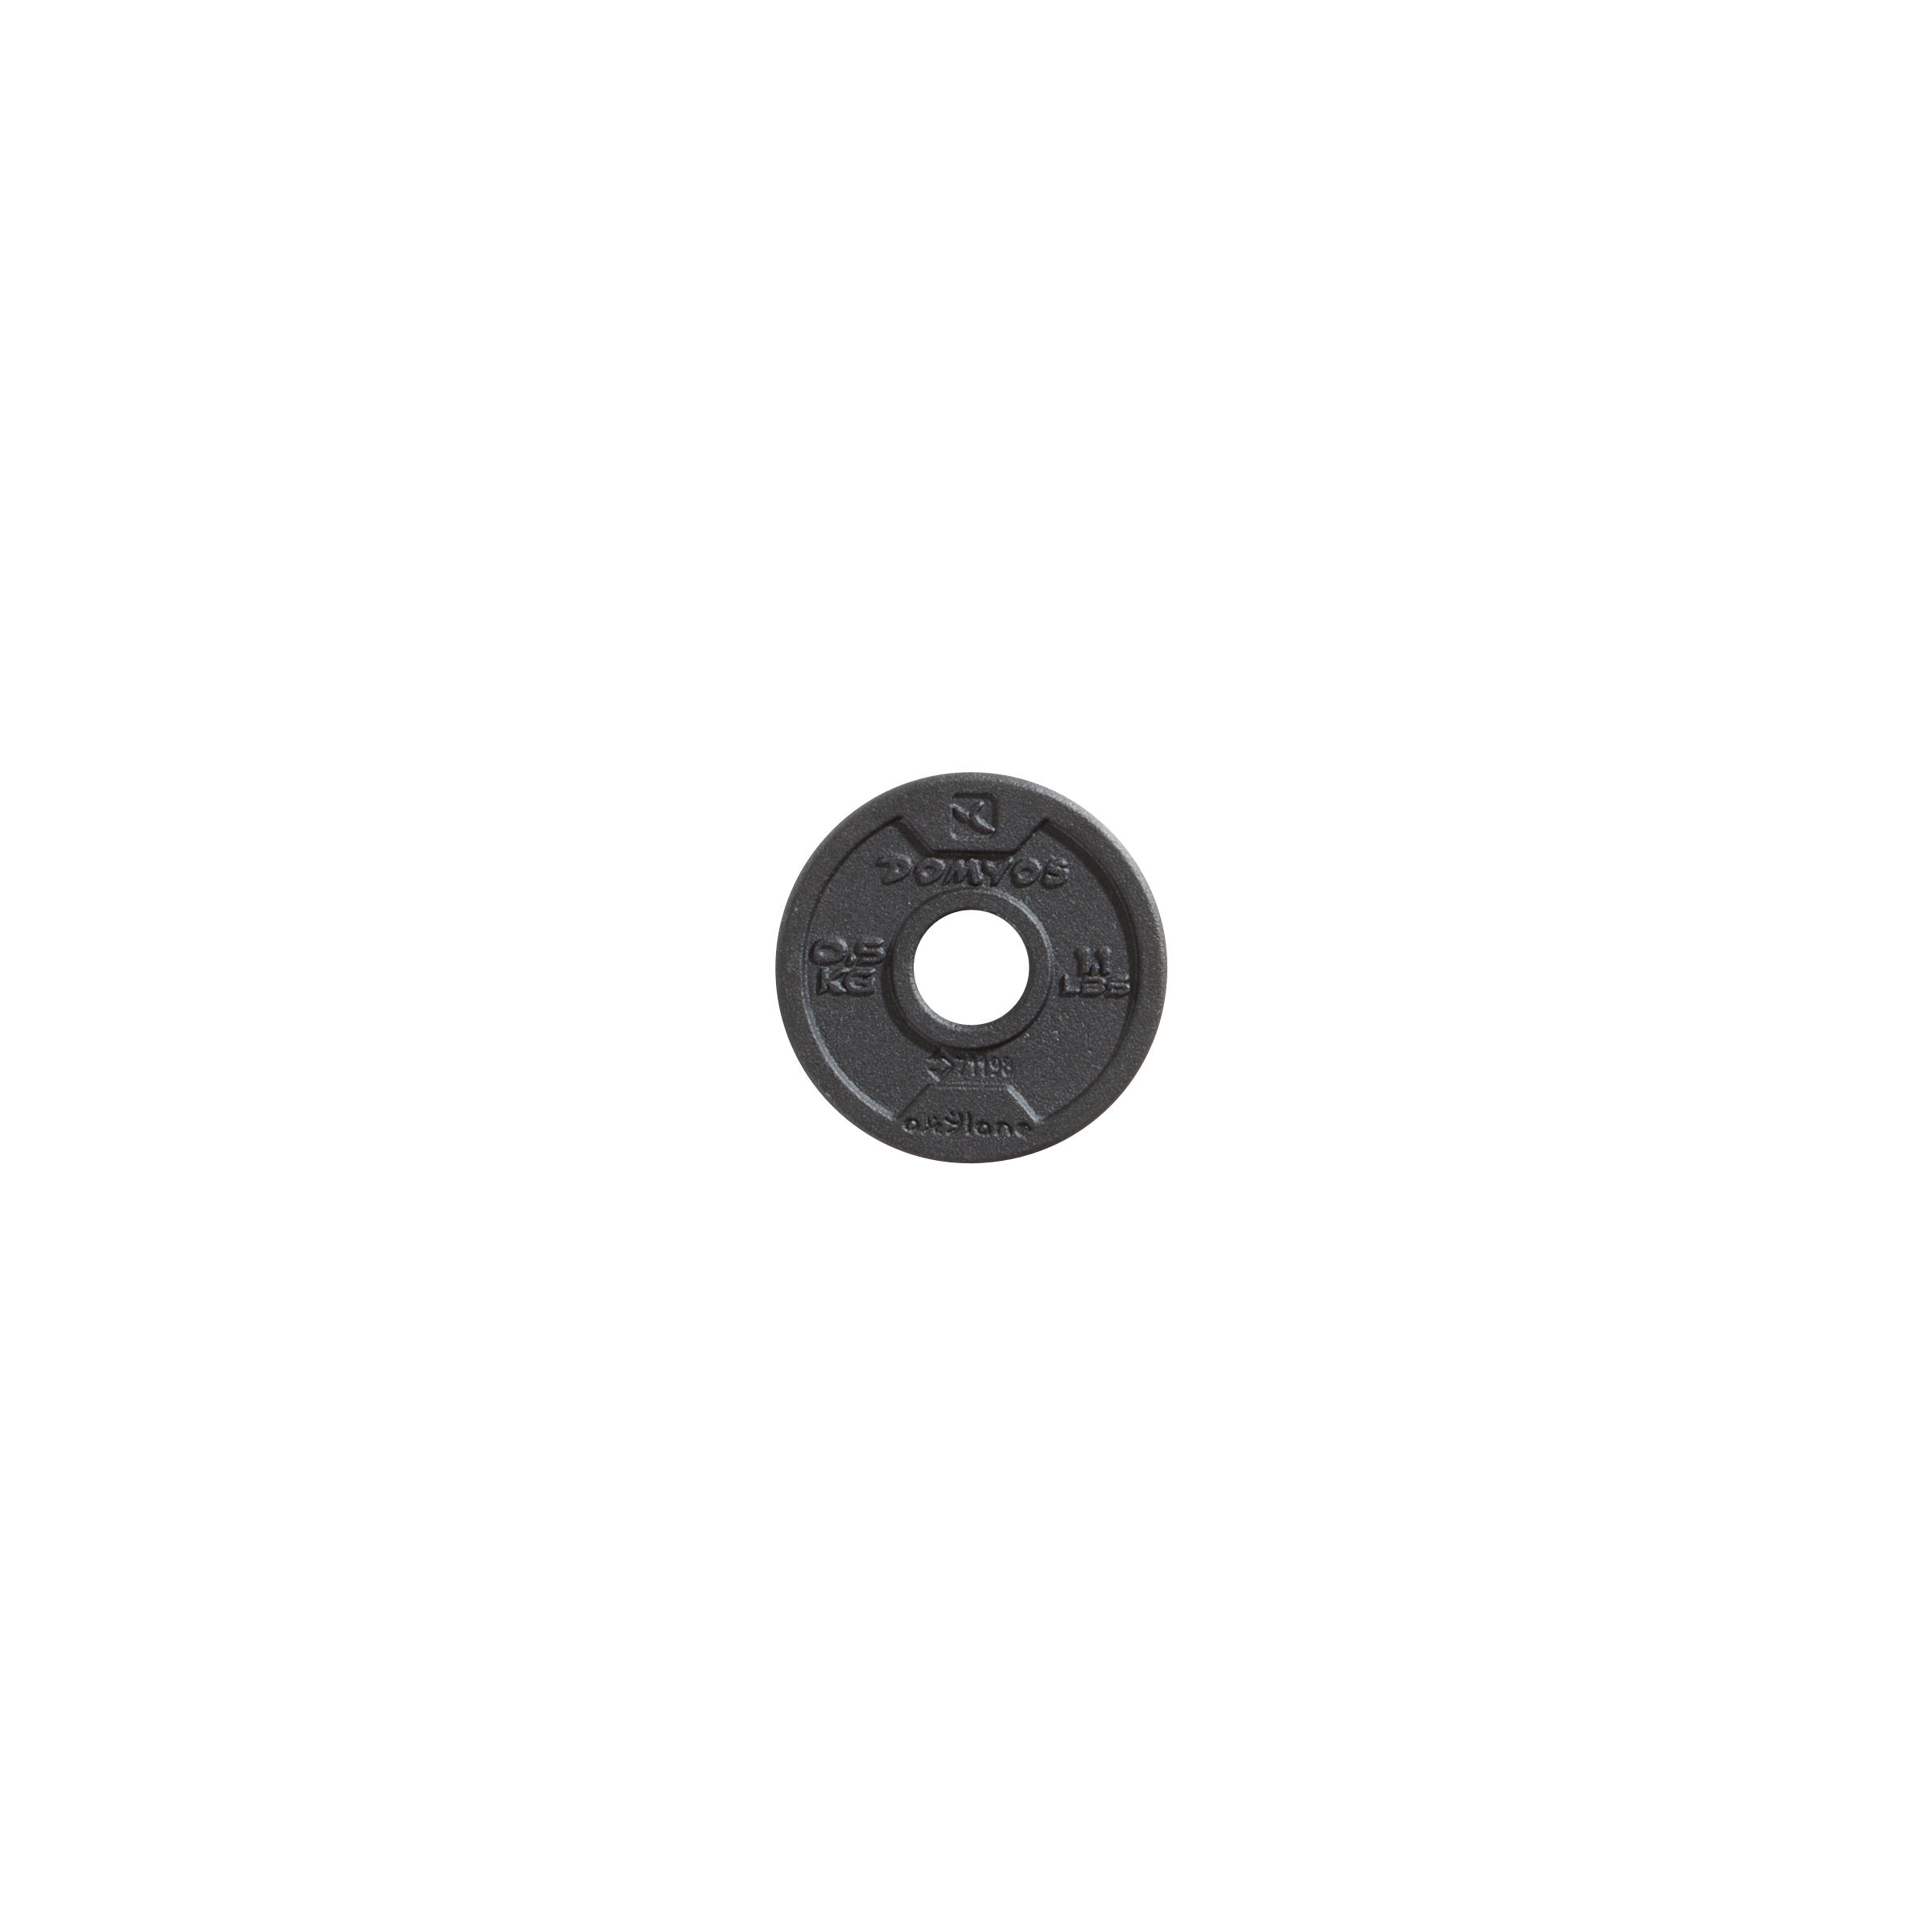 Disco de aleación para el levantamiento de pesas 28 mm.